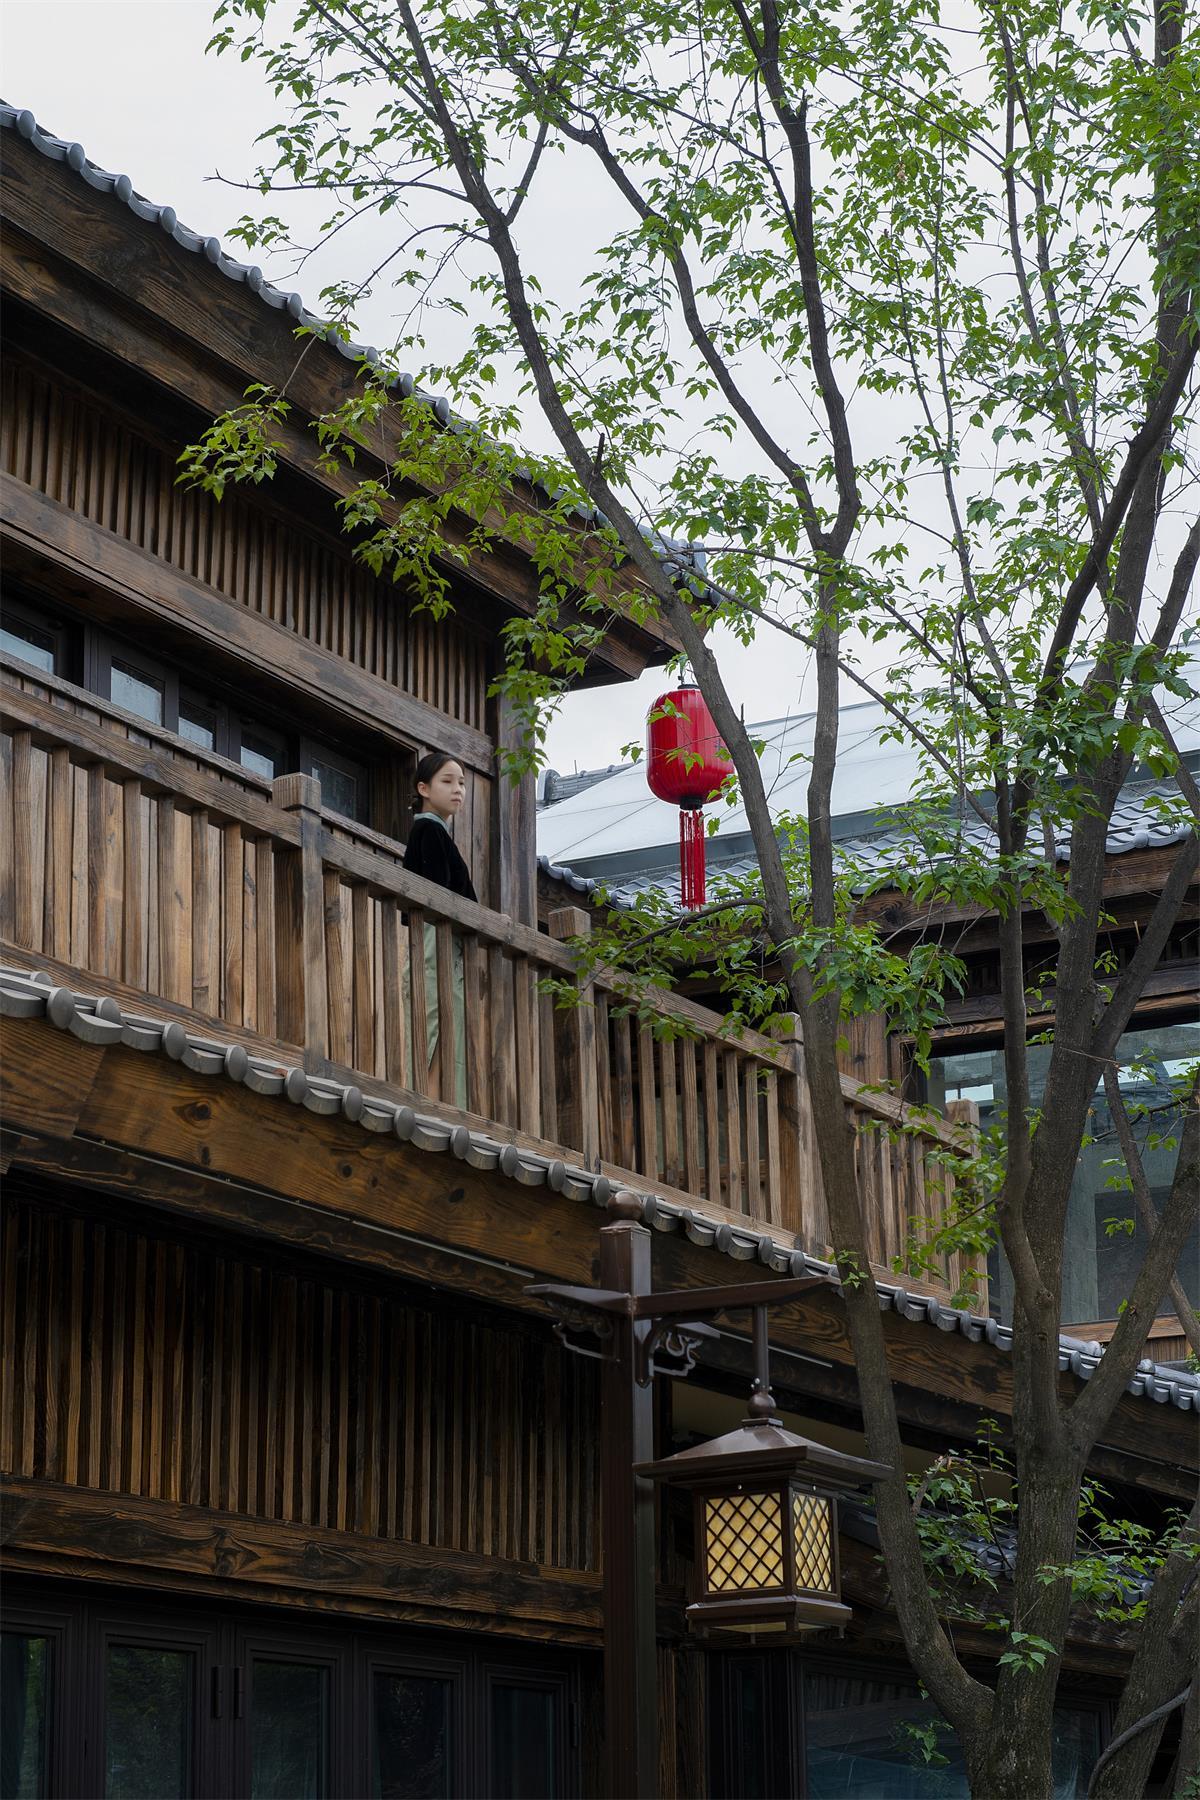 Thị trấn Đường - Nhã thú điền viên và văn hóa Đại Đường | SecondNature